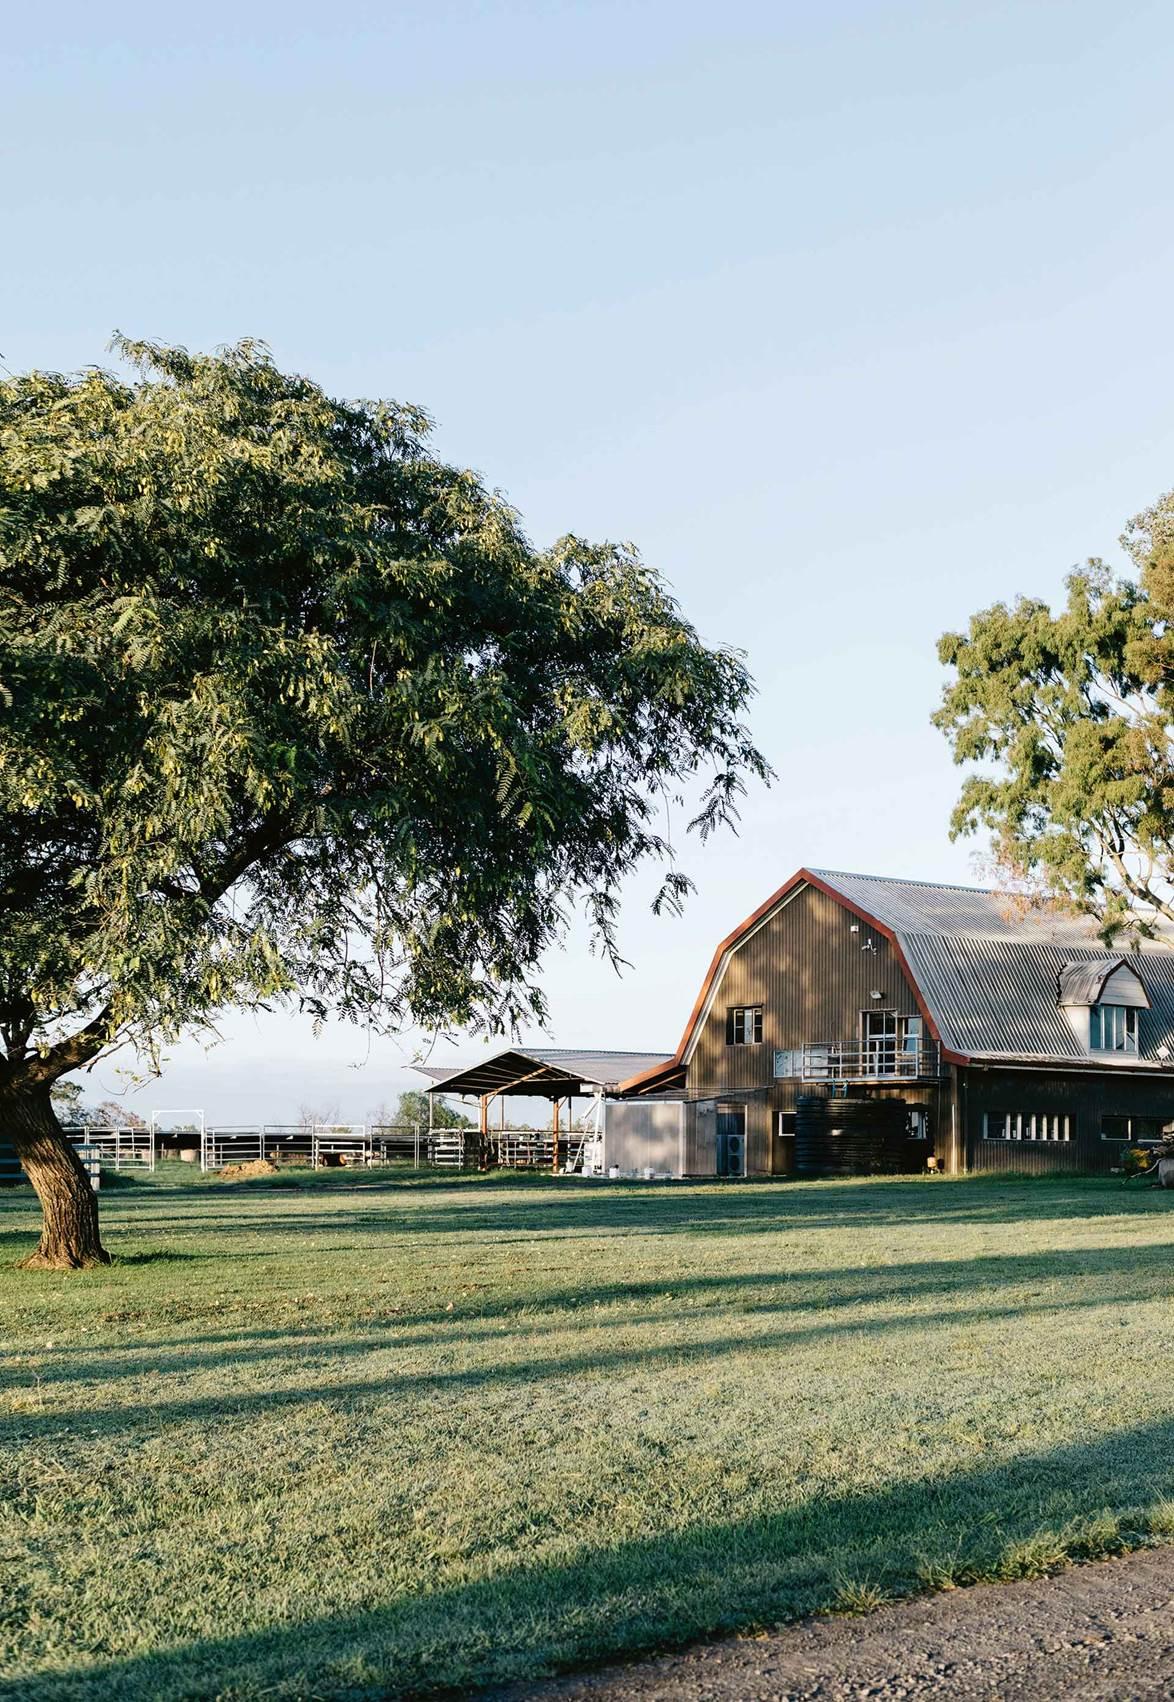 Camel milk Queensland: Inside an award-winning camel dairy farm